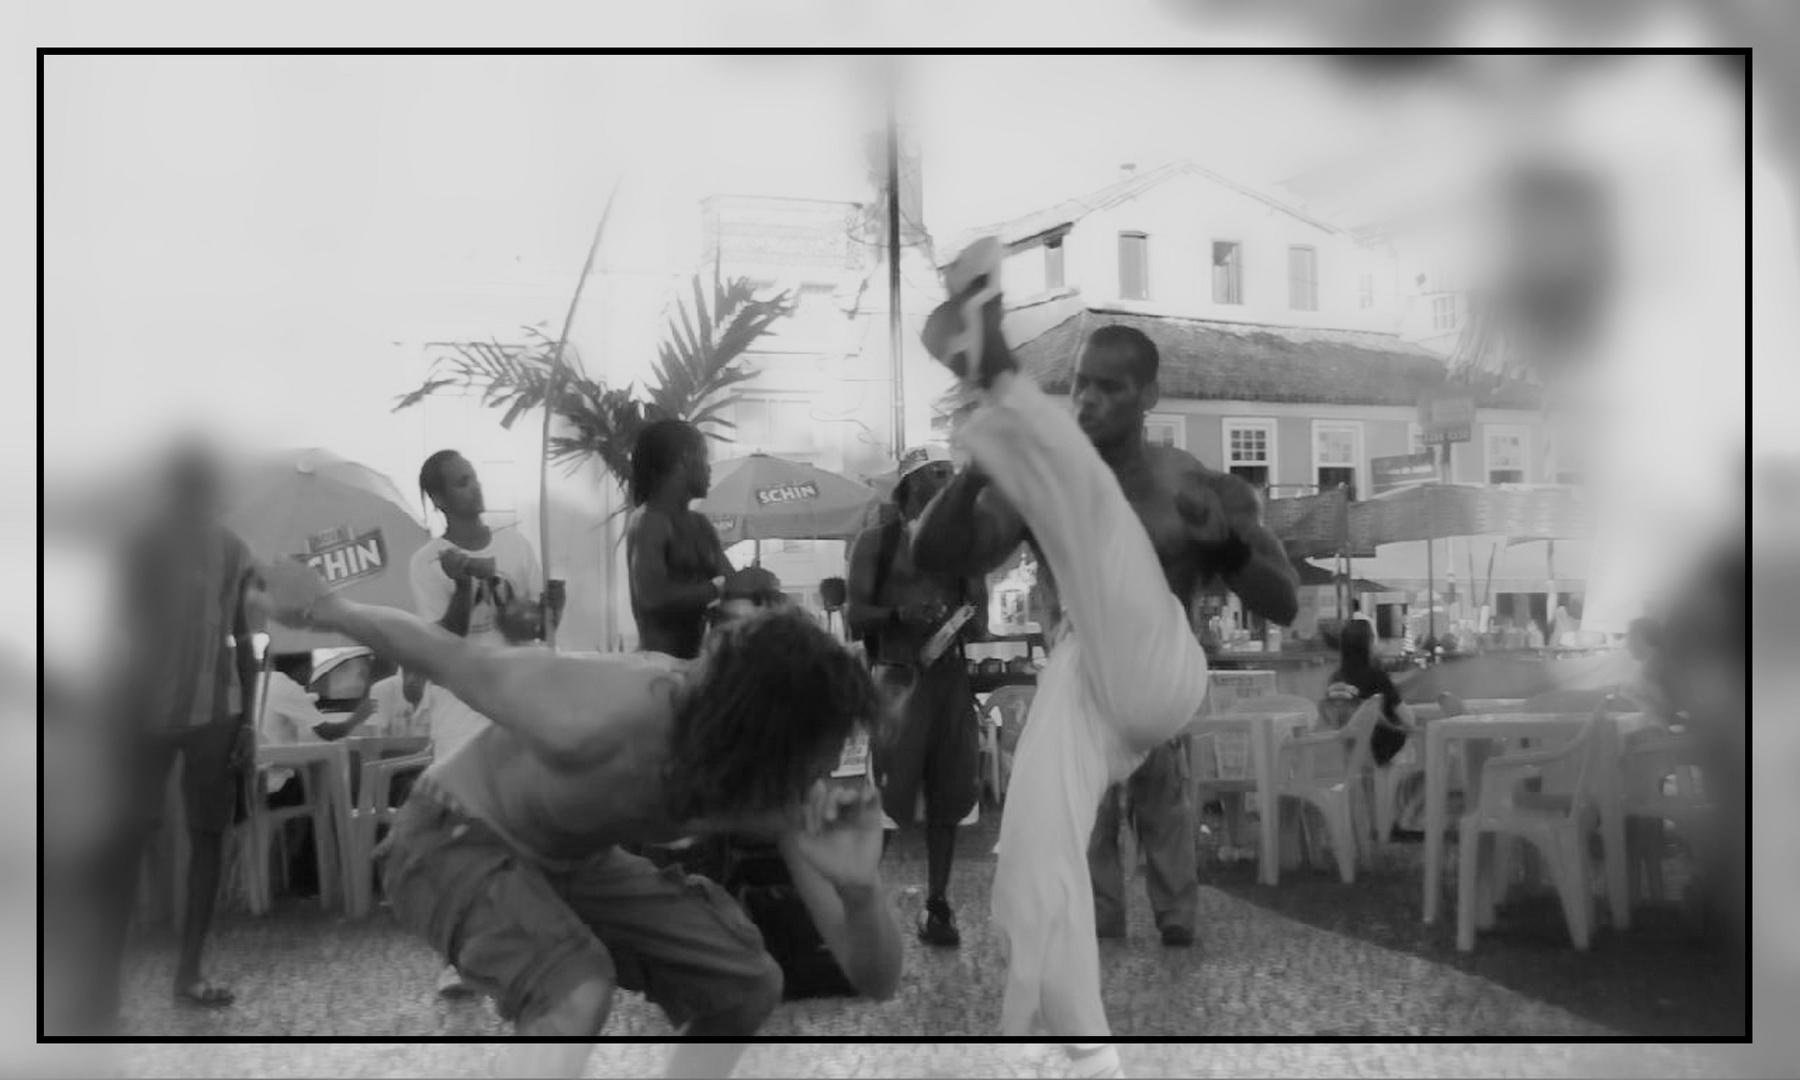 Beim_Capoeira_in_Salvador da Bahia